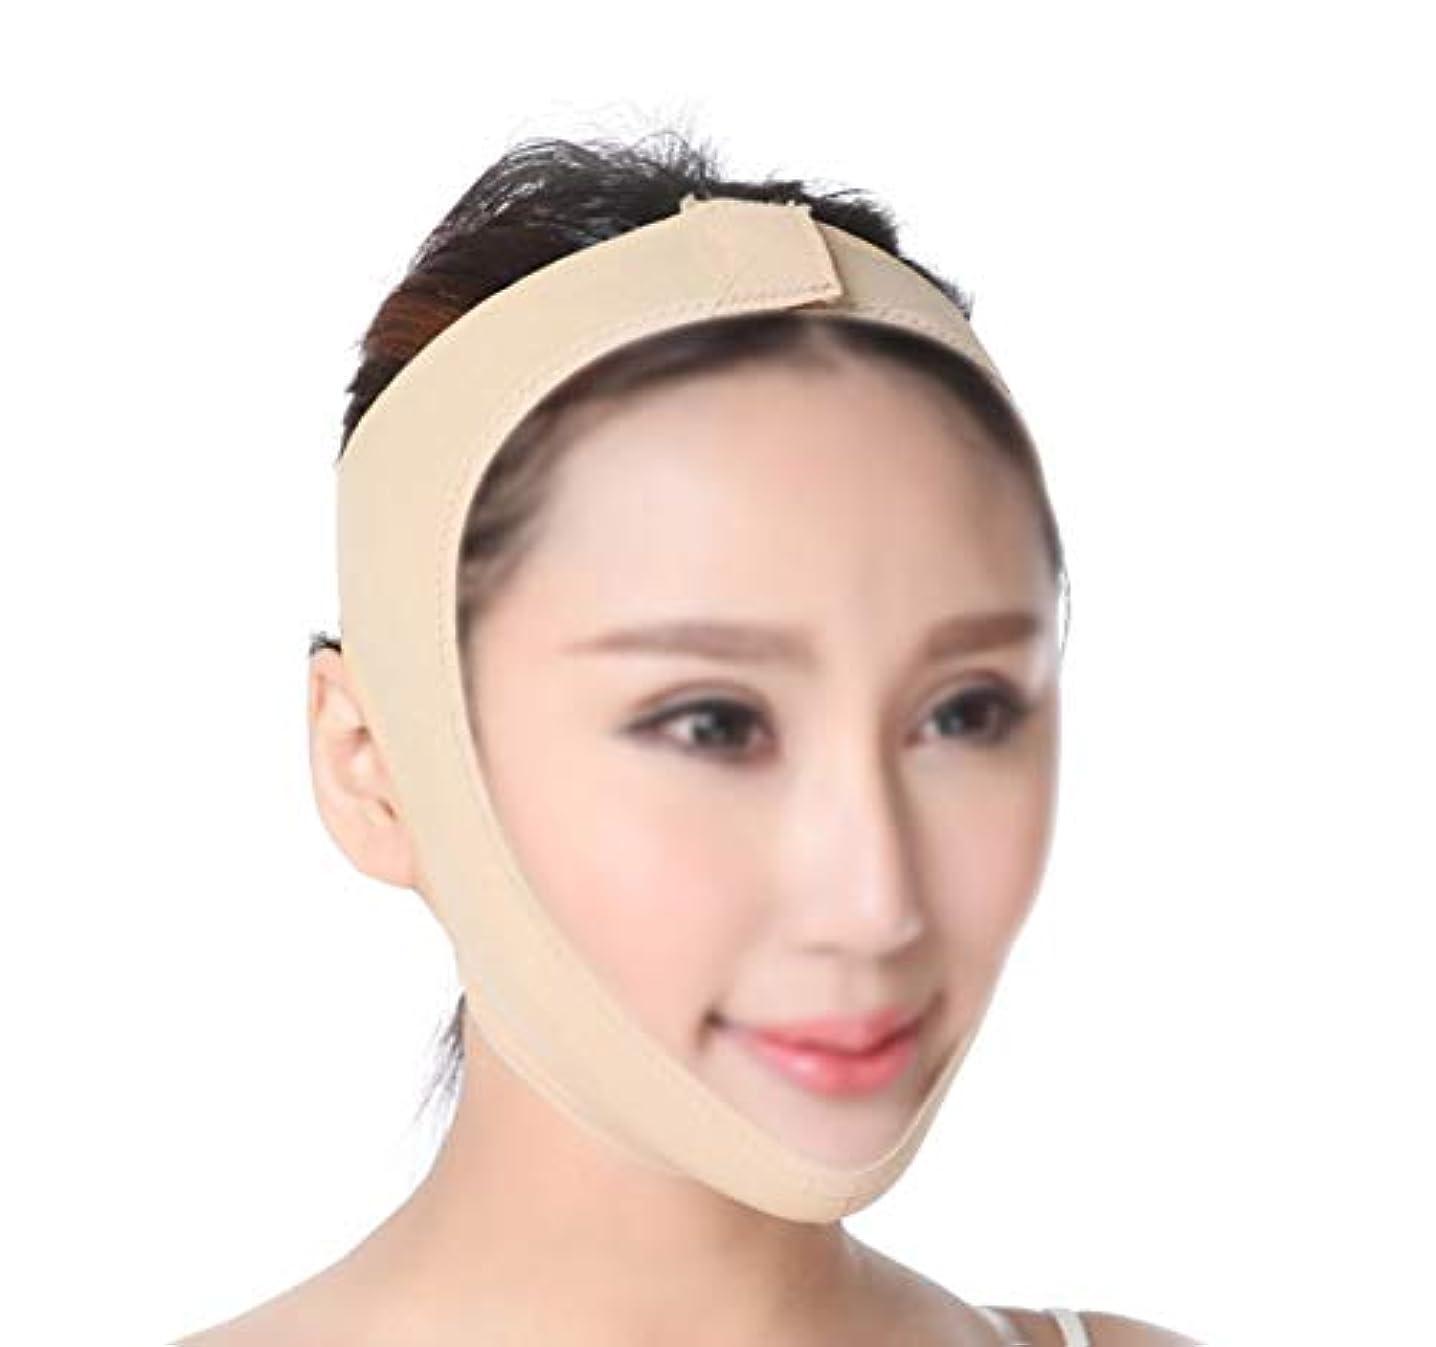 欲求不満隔離するジャンルLJK フェイスリフティング包帯、Vフェイス楽器フェイスマスクアーティファクト引き締めマスク手動フェイシャルマッサージ通気性肌のトーン (Size : XL)